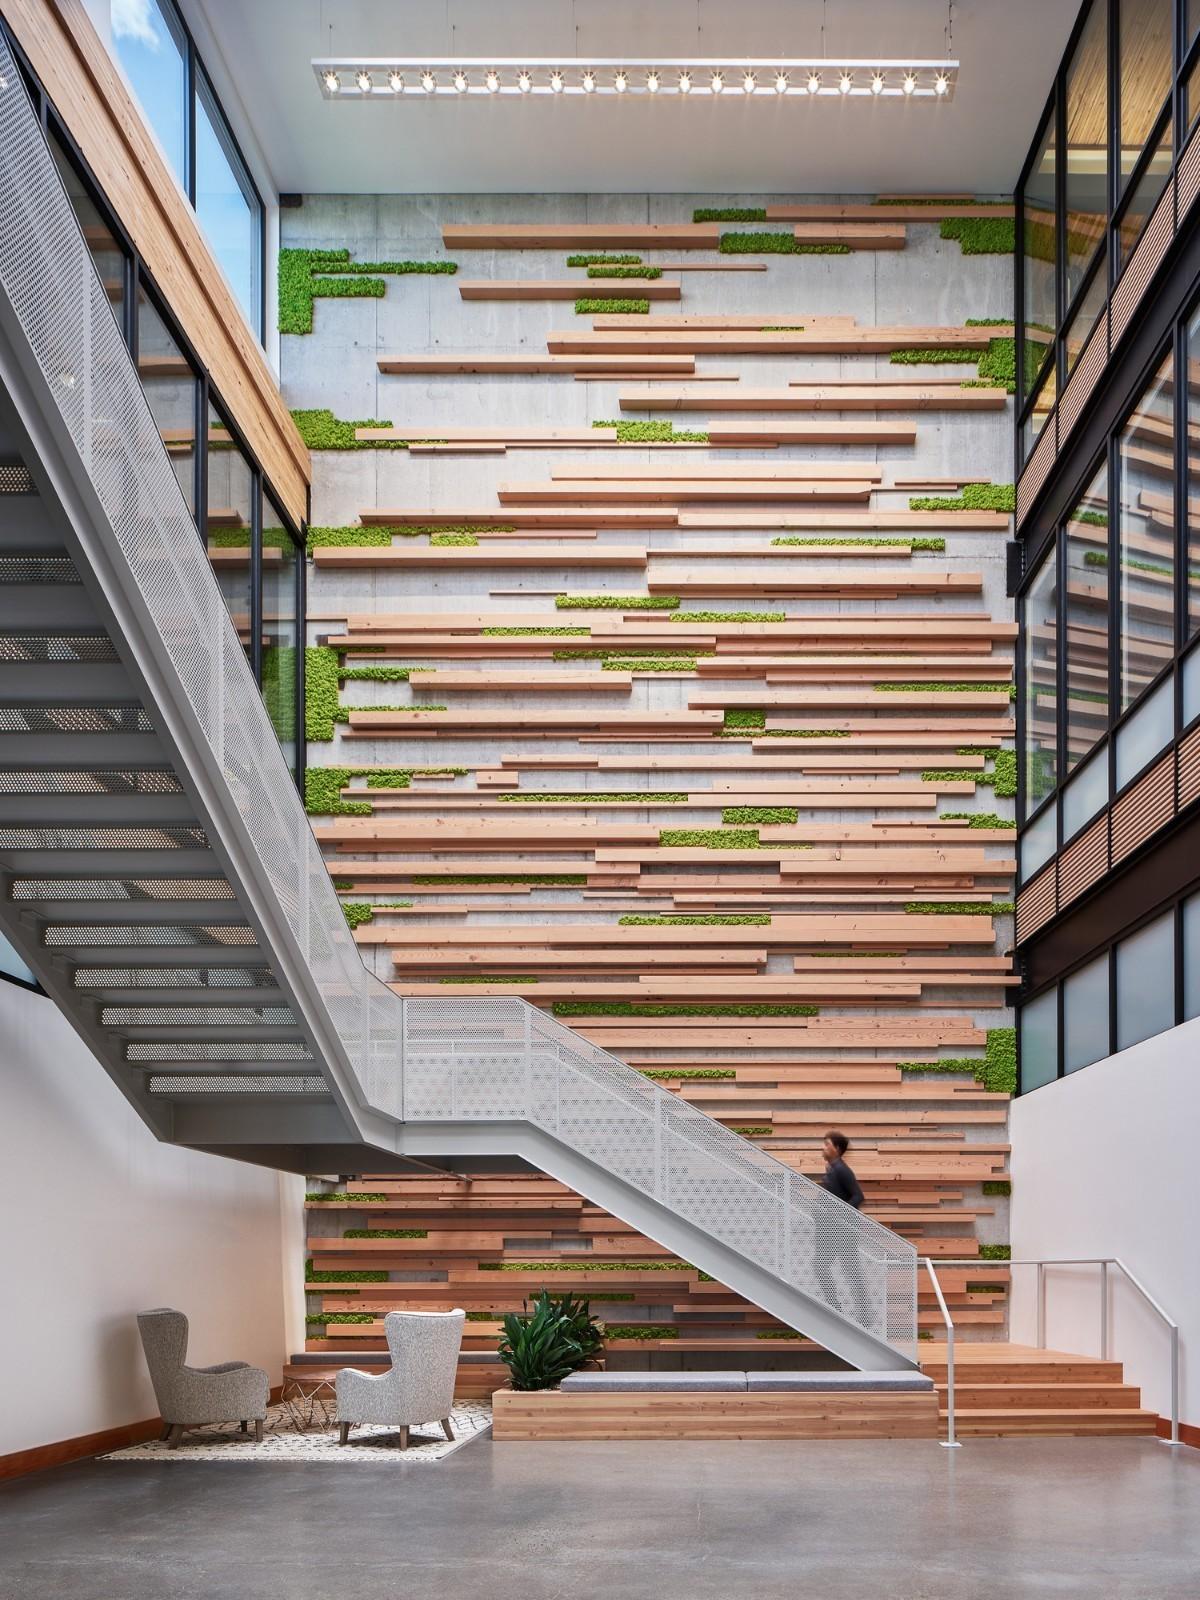 重庆工装公司办公室装修楼梯图集赏析